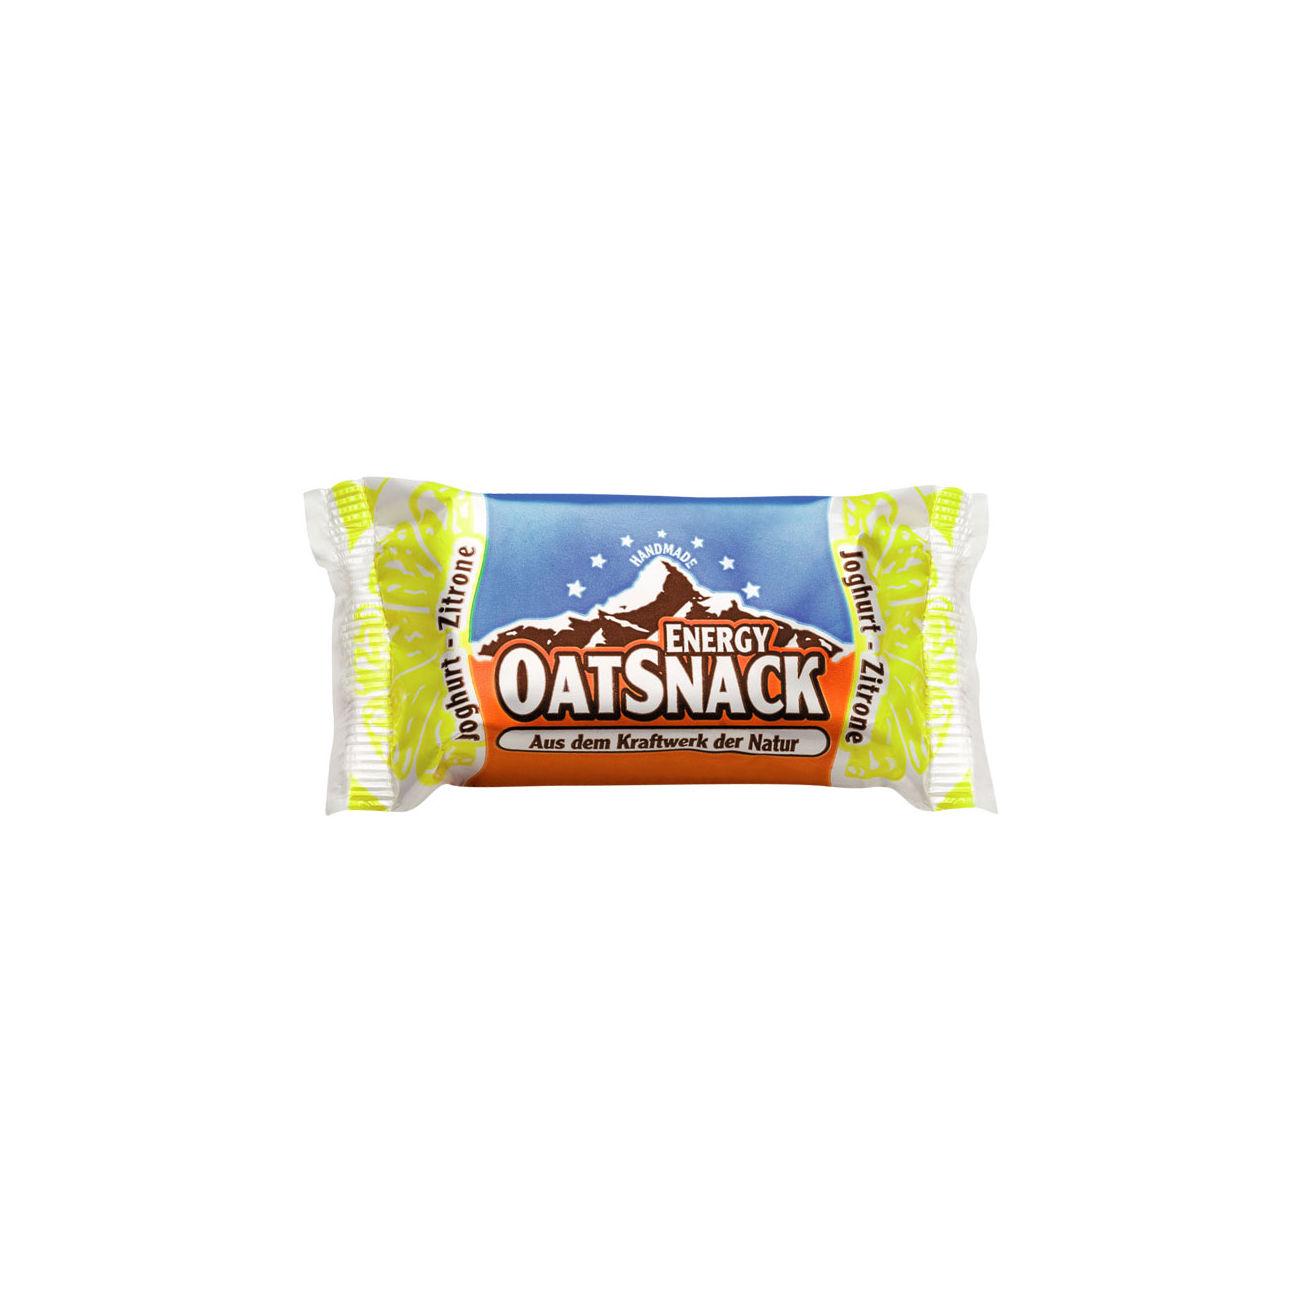 4fc1be8ee3 Oat Snack Joghurt Zitrone Riegel günstig kaufen - Kotte & Zeller